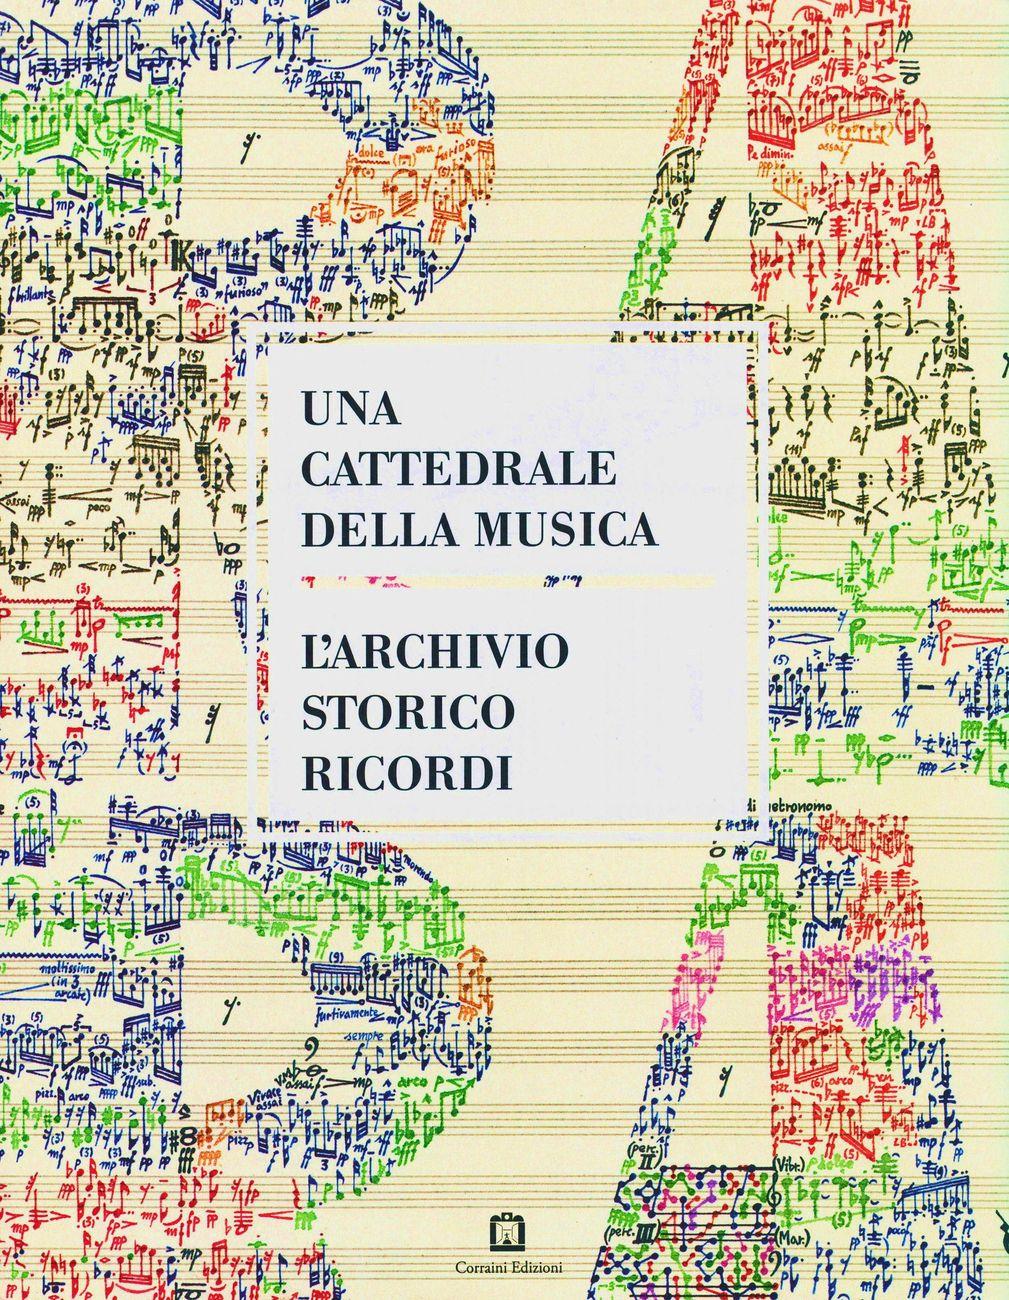 Una cattedrale della musica. L'Archivio Storico Ricordi (Corraini 2018)